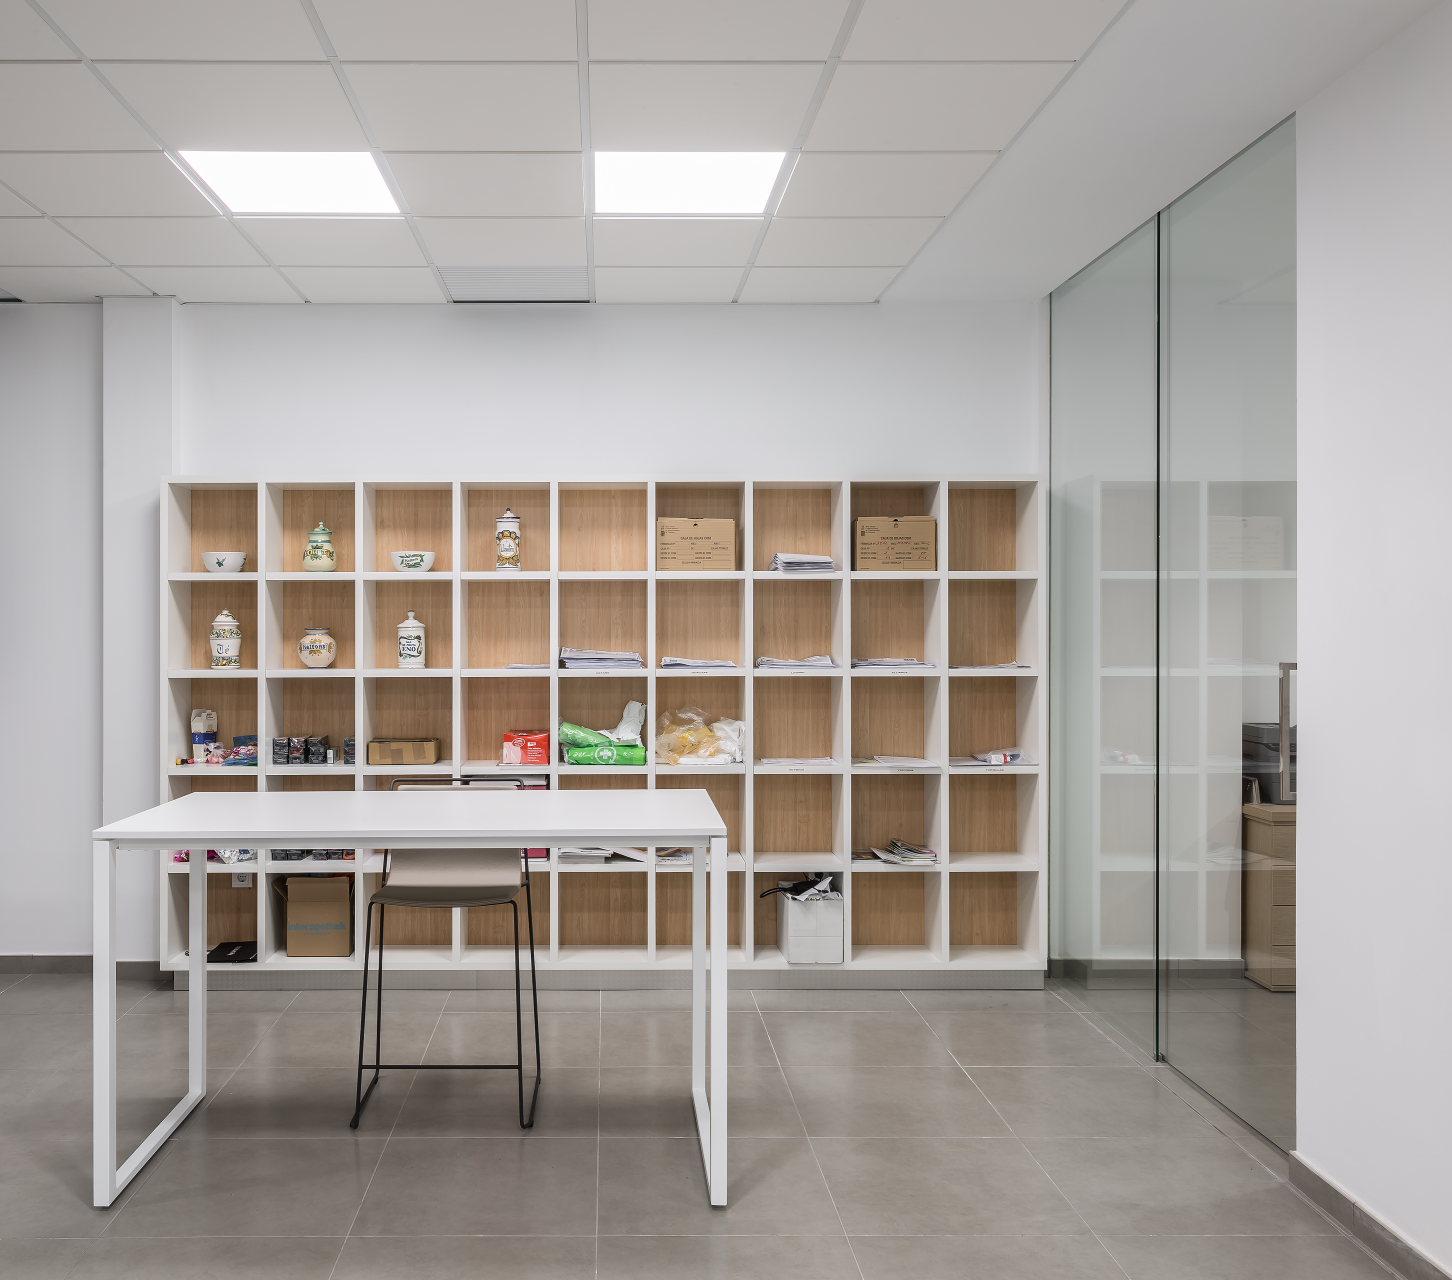 fotografia-arquitectura-valencia-german-cabo-d'estudio-farmacia-sud-picassent (19)